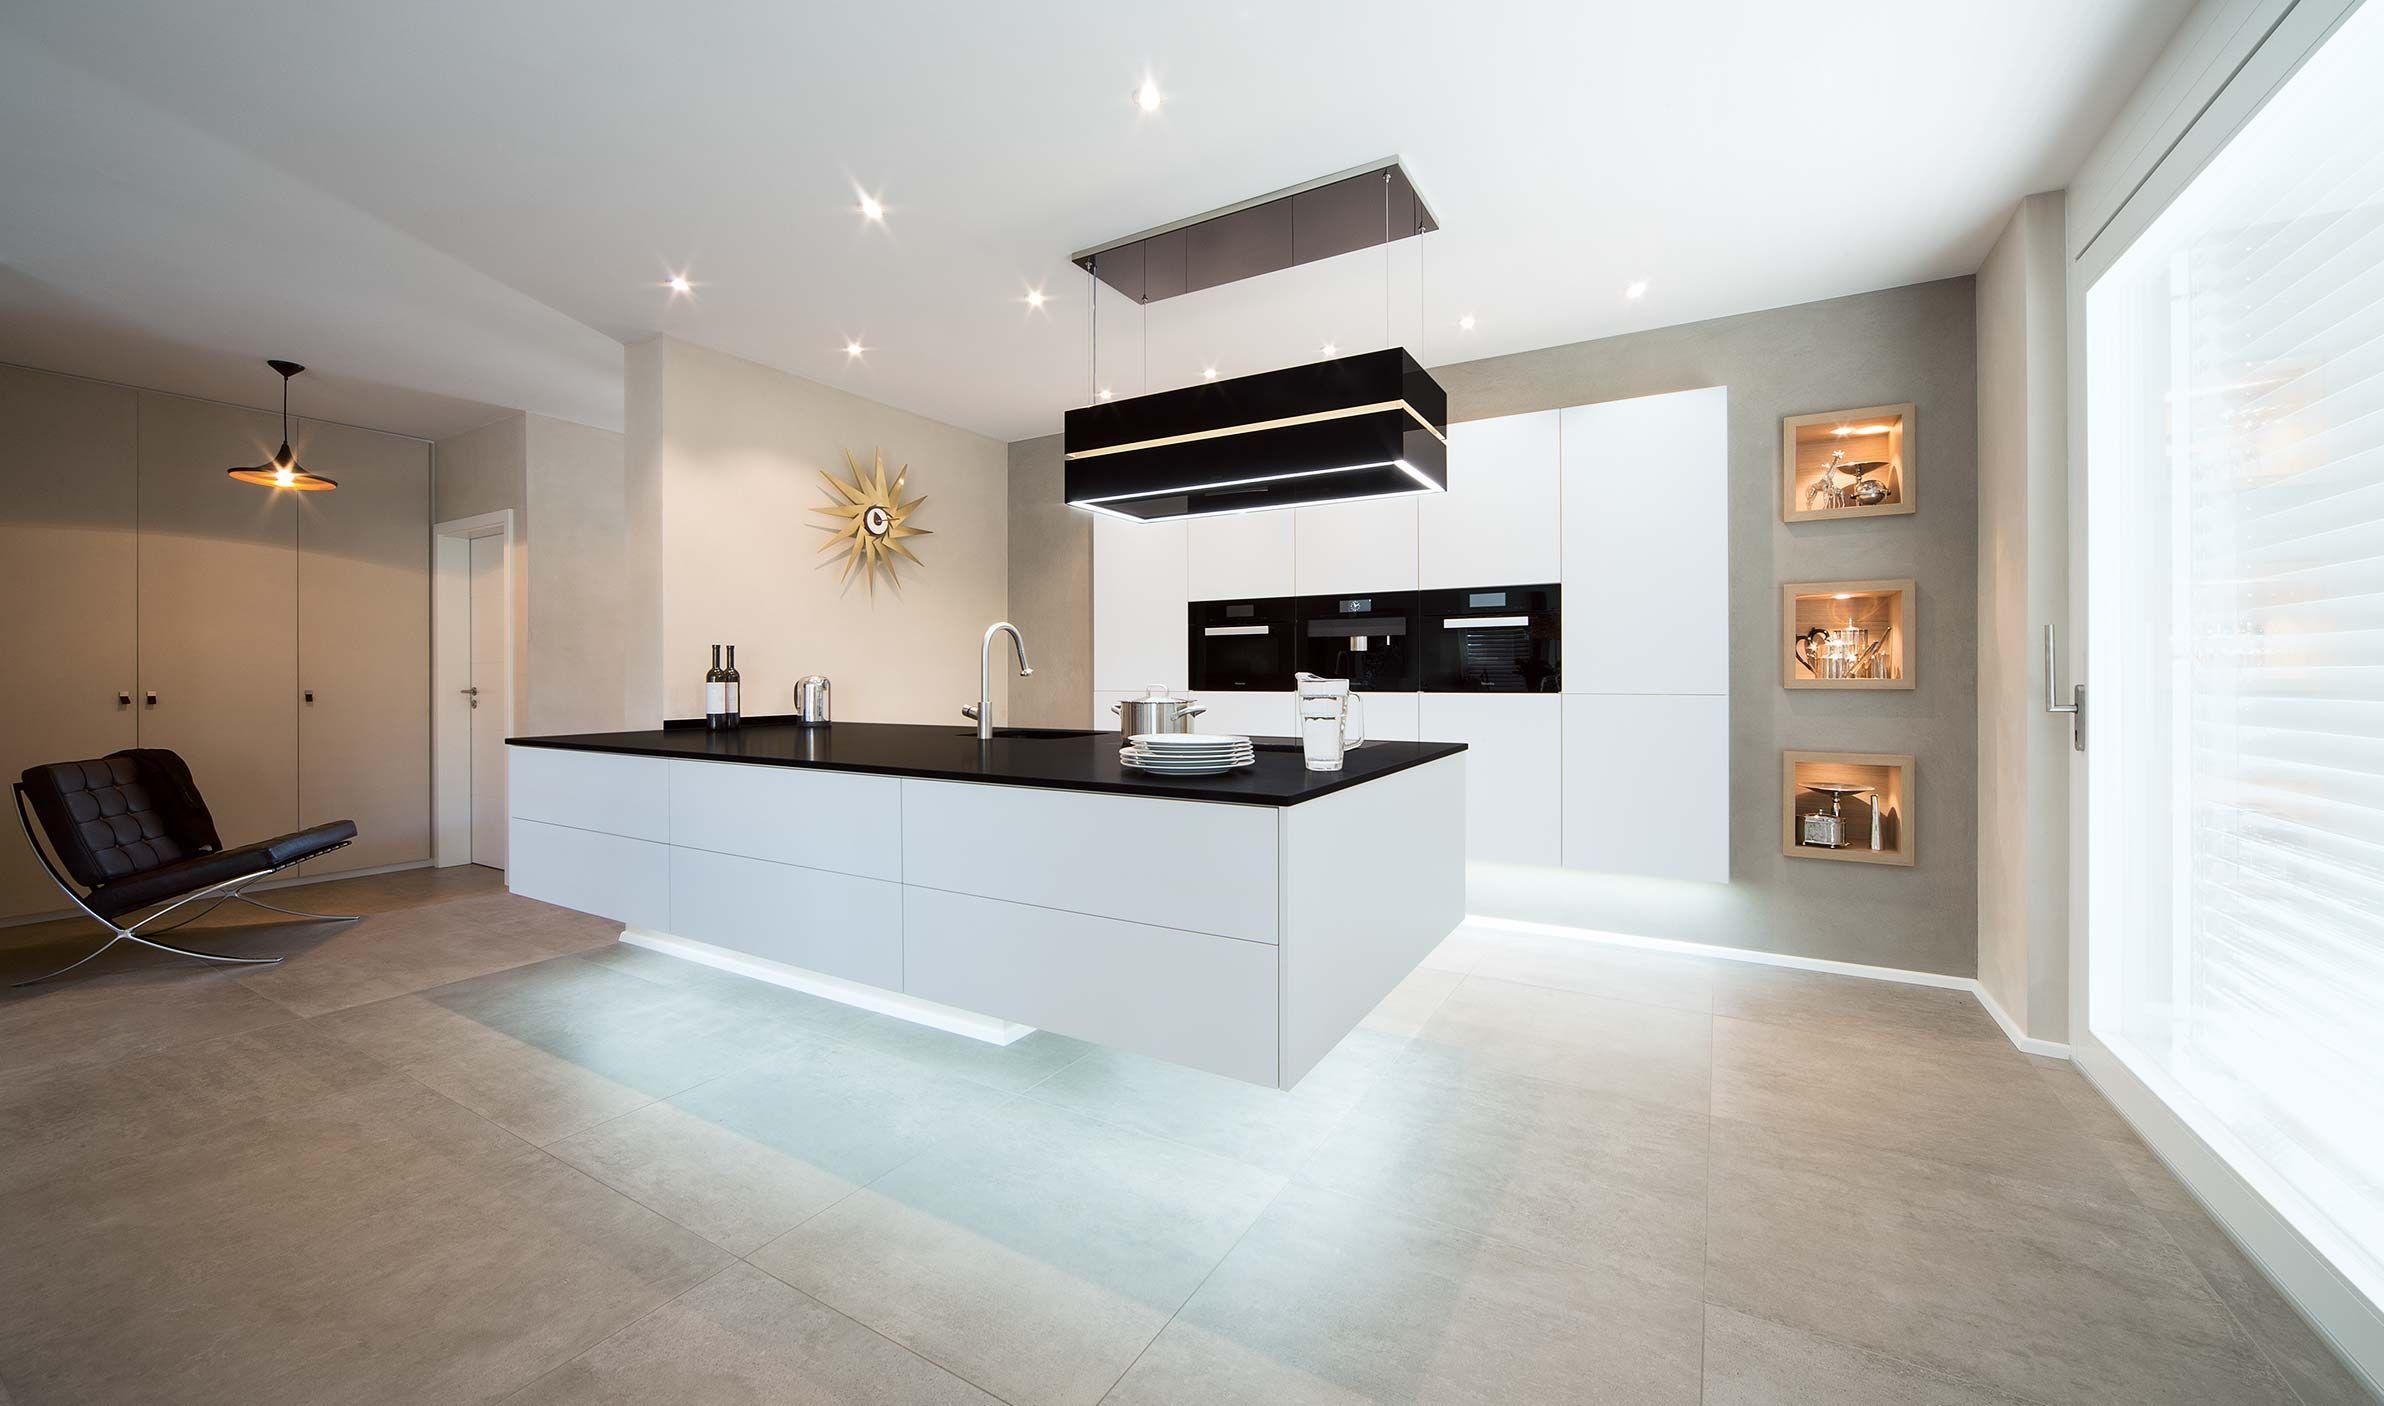 Pin von FLYBRIDGE auf Küche & Architektur | Pinterest | Zeyko küchen ...